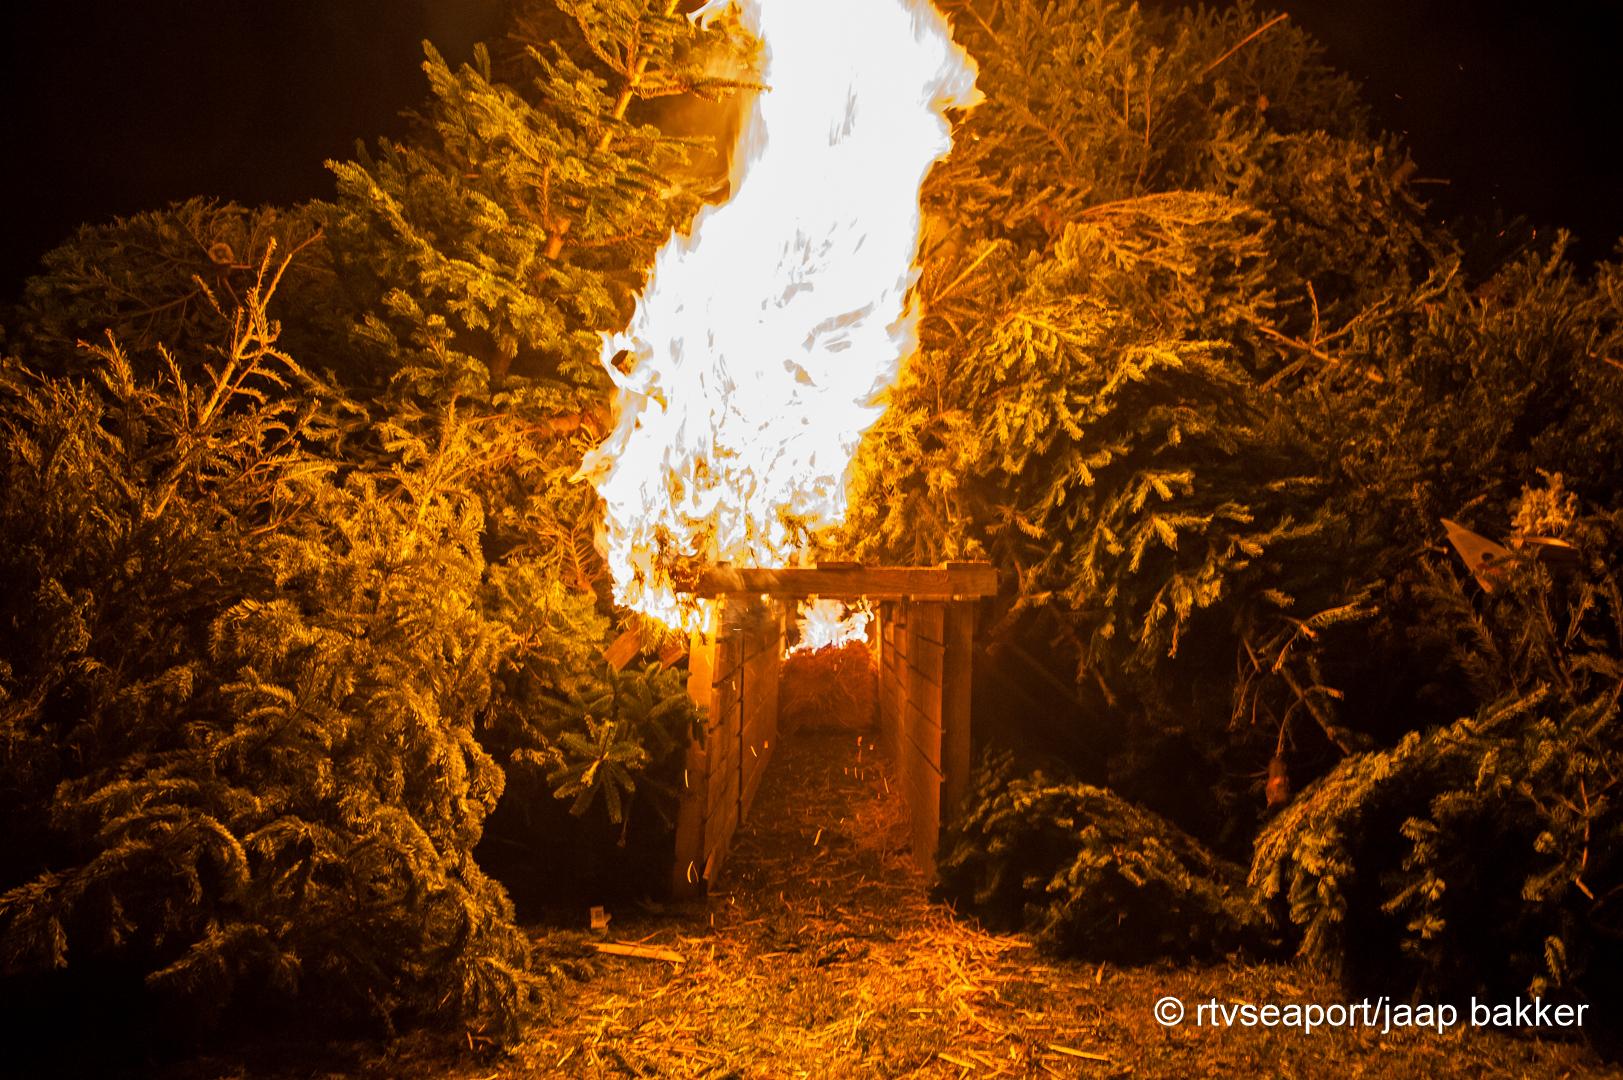 Kerstboomverbranding Velsen (7)